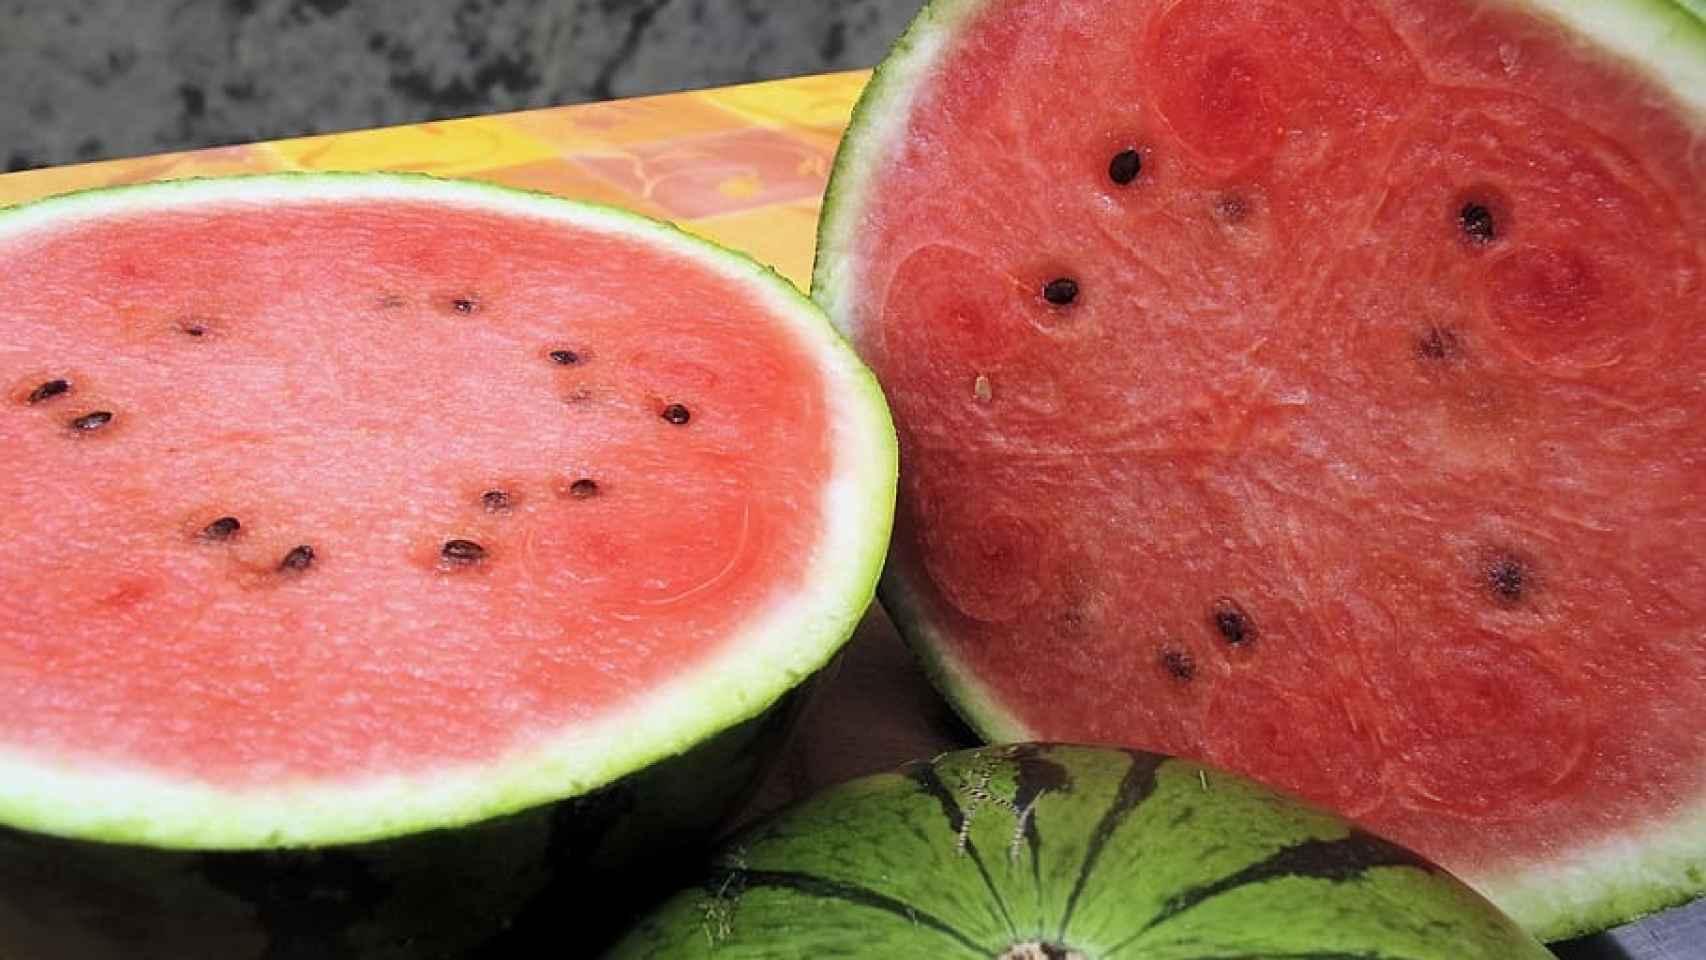 Adelgazar éstas Son Las 11 Frutas Y Verduras Con Menos Carbohidratos